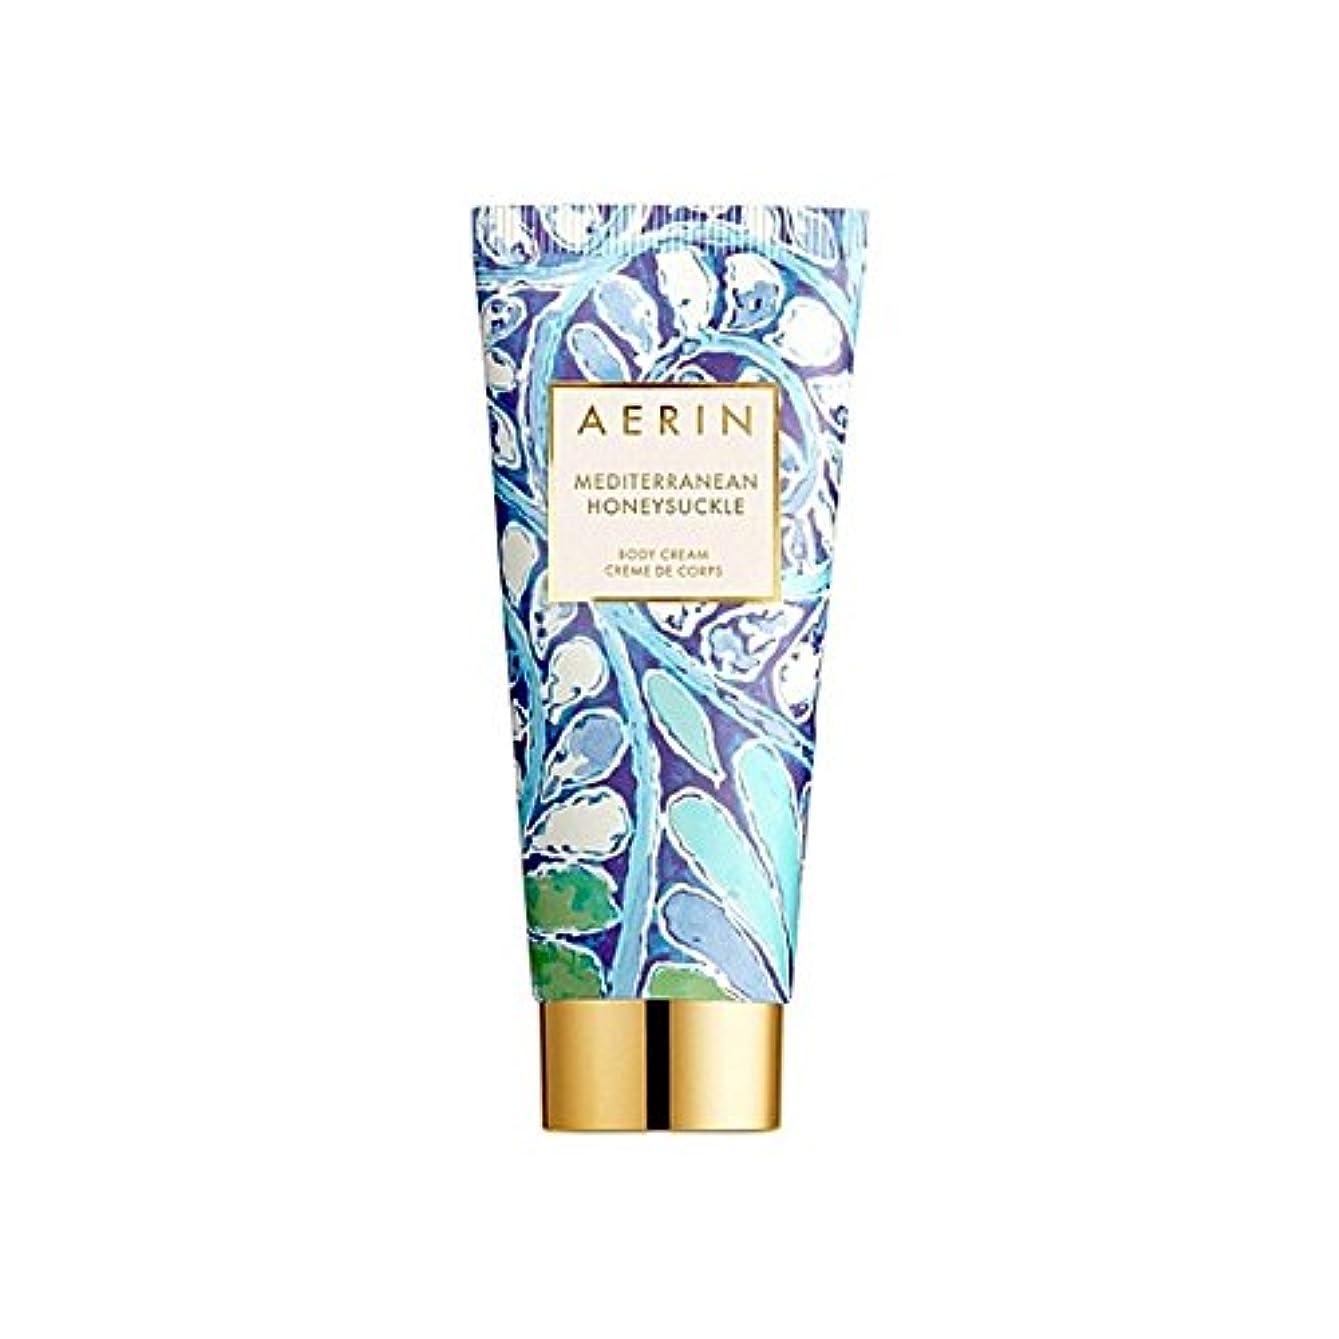 ワット野な頭蓋骨スイカズラボディクリーム150ミリリットル x2 - Aerin Mediterrenean Honeysuckle Body Cream 150ml (Pack of 2) [並行輸入品]